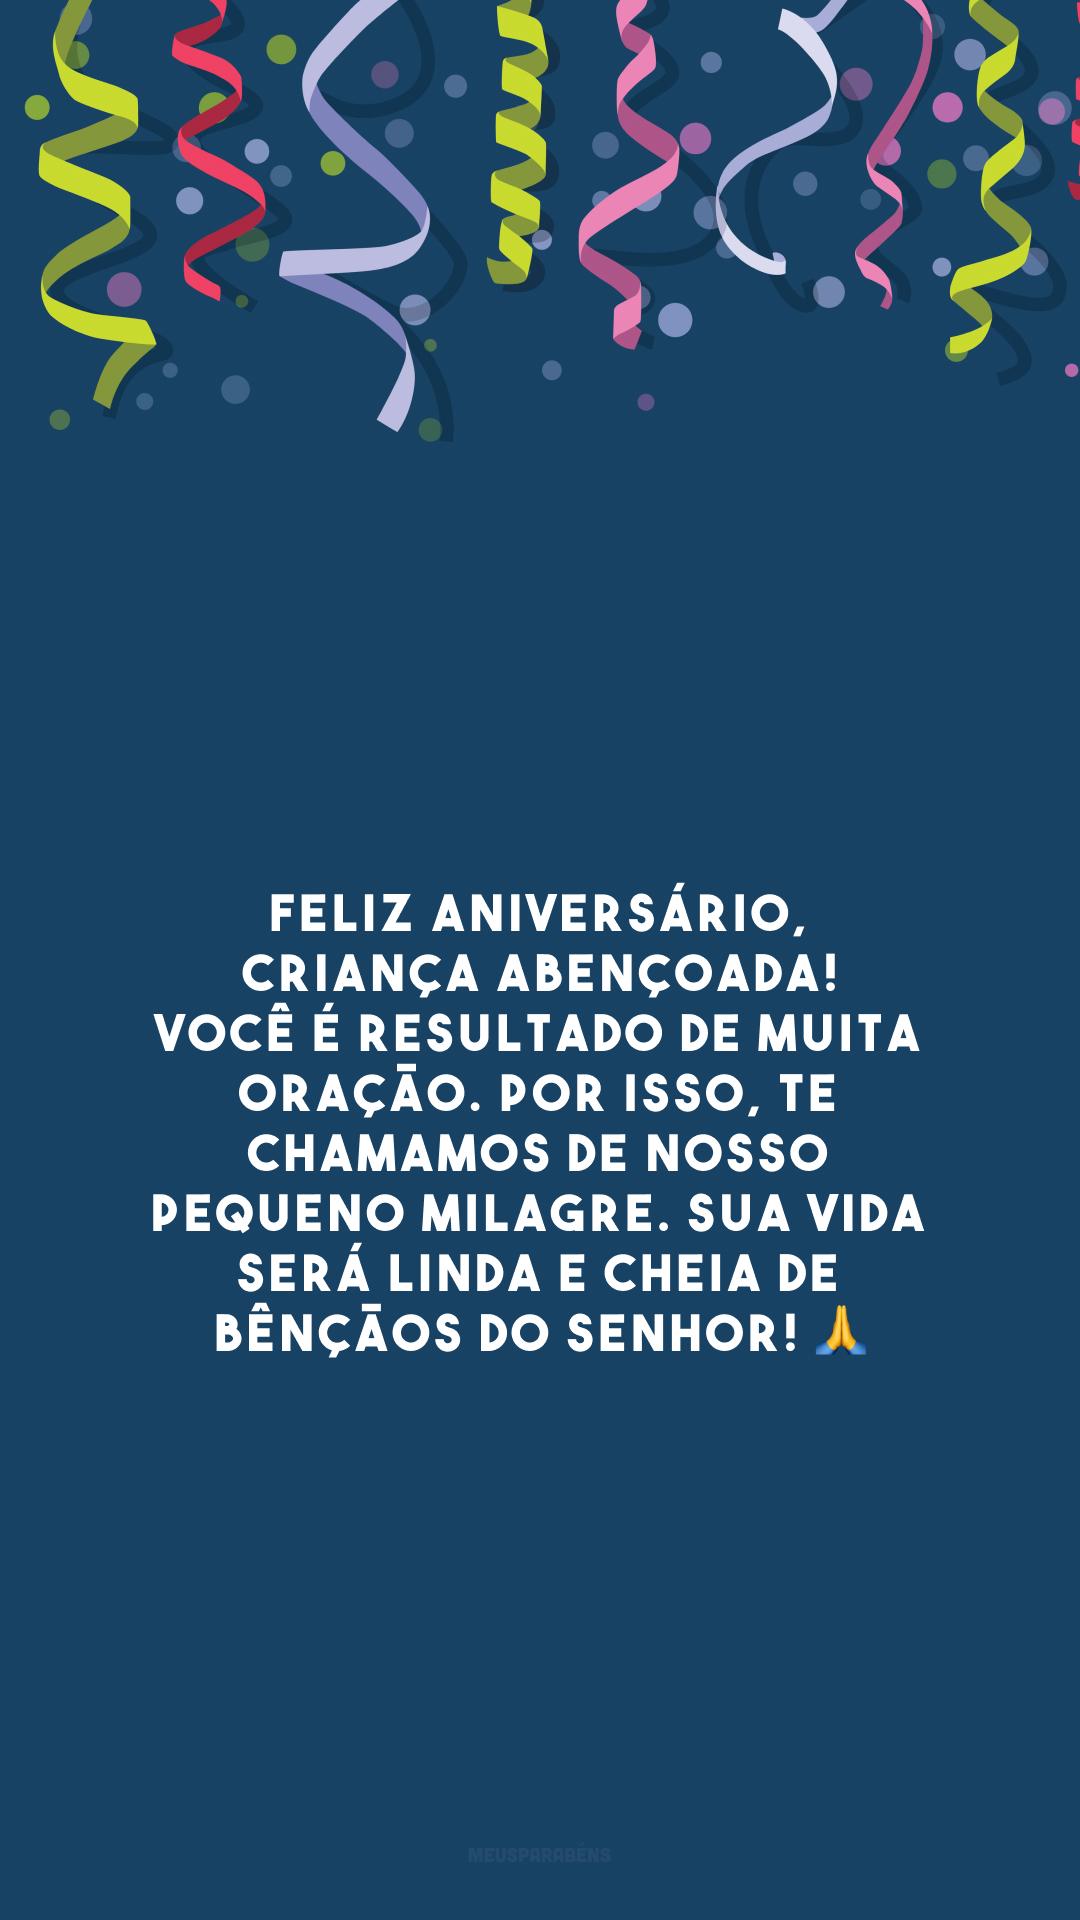 Feliz aniversário, criança abençoada! Você é resultado de muita oração. Por isso, te chamamos de nosso pequeno milagre. Sua vida será linda e cheia de bênçãos do Senhor! 🙏